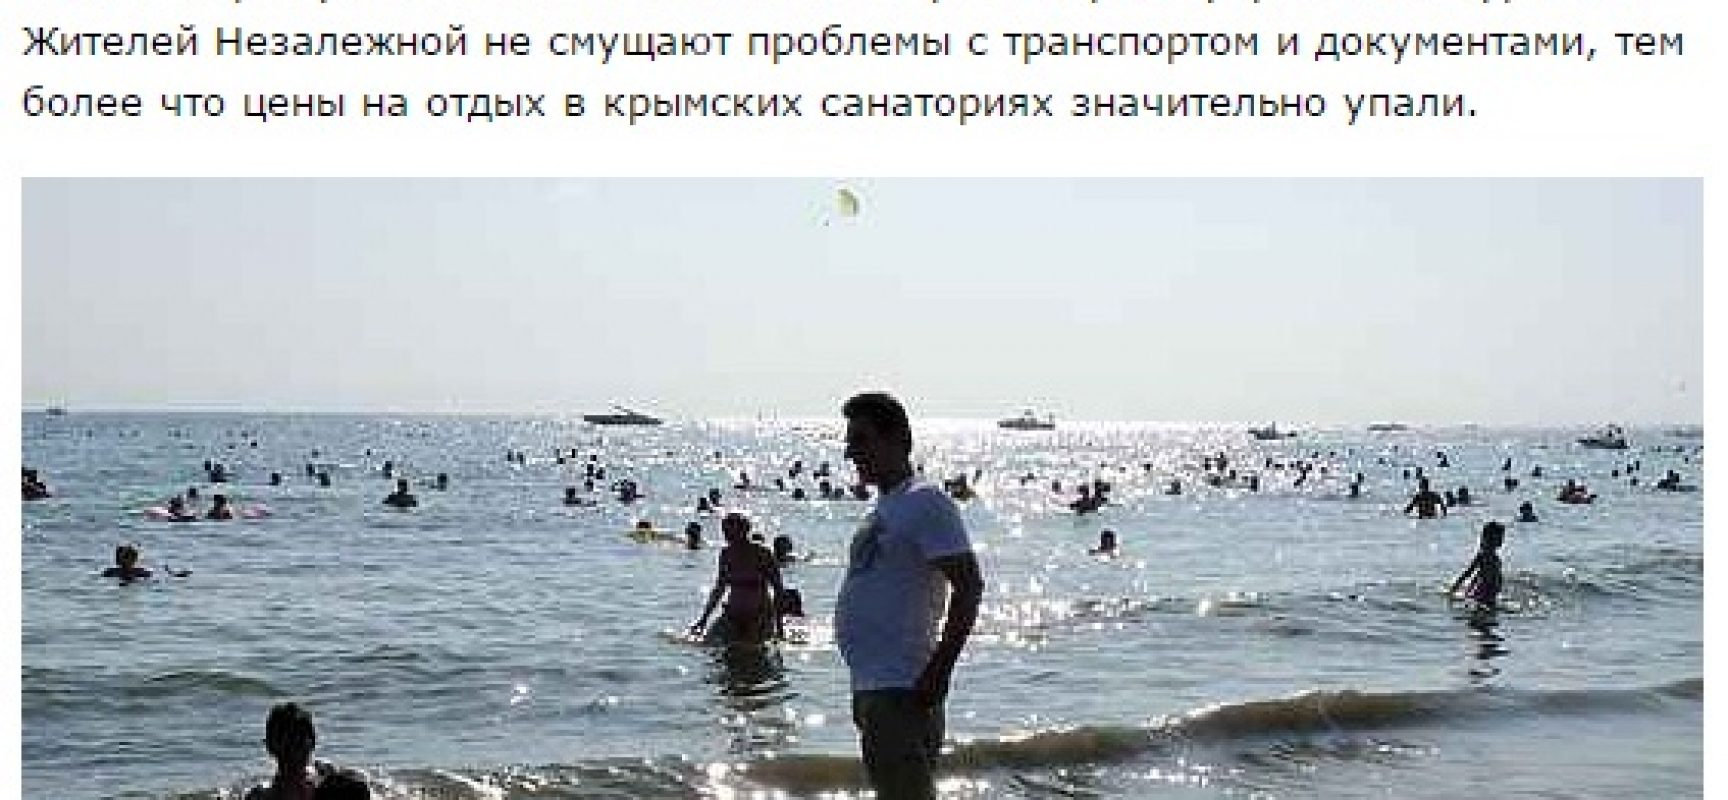 Fake: Molti ucraini andranno in Crimea per le vacanze estive